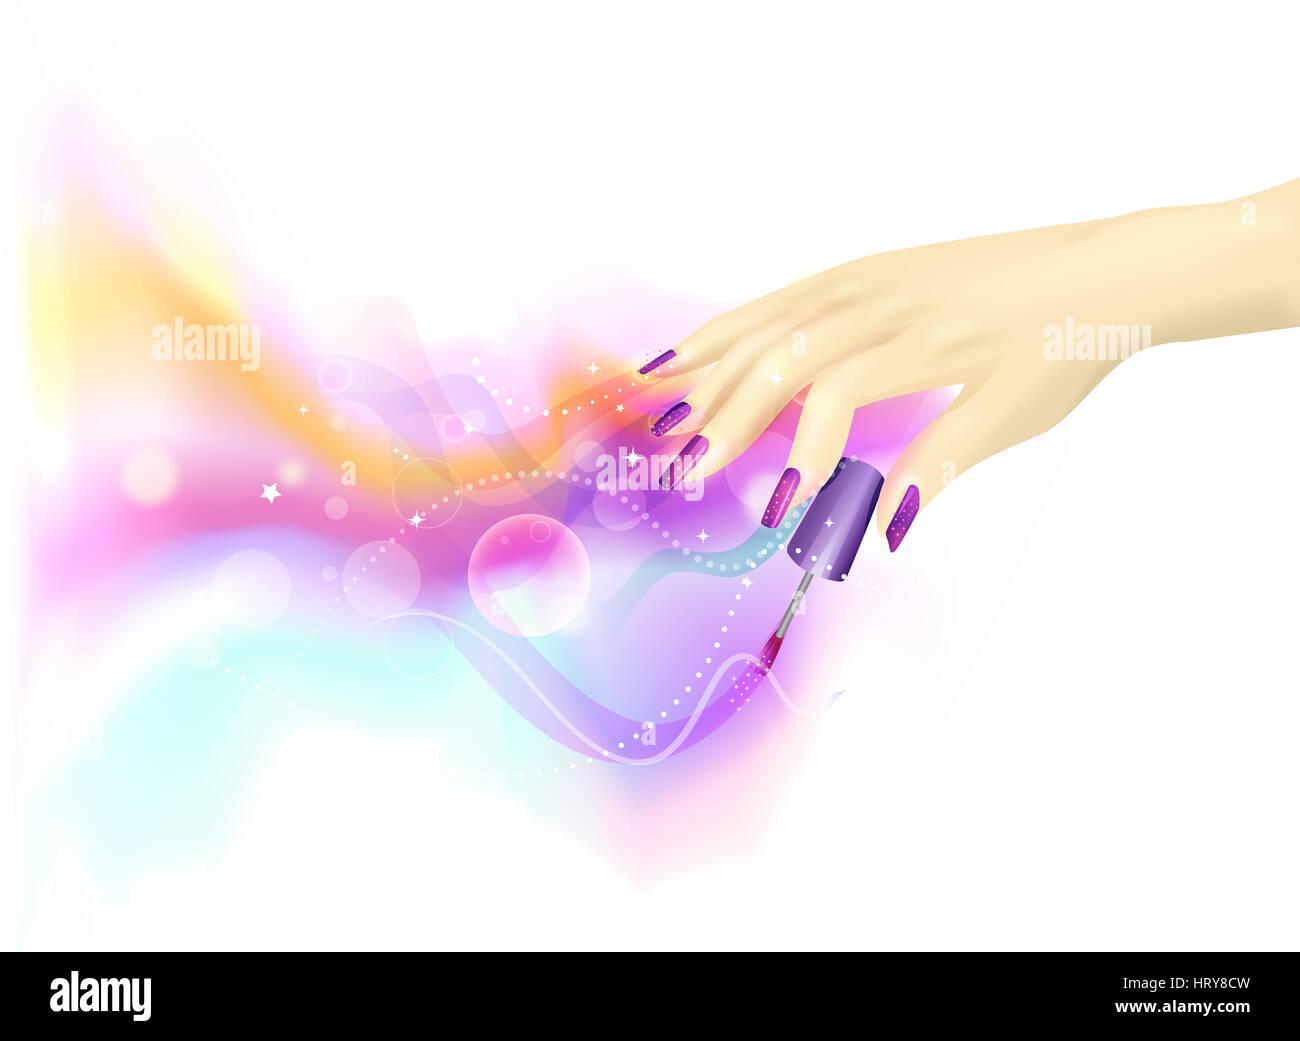 Ritagliato illustrazione di una donna che gioca con smalto per unghie - EPS10 Immagini Stock